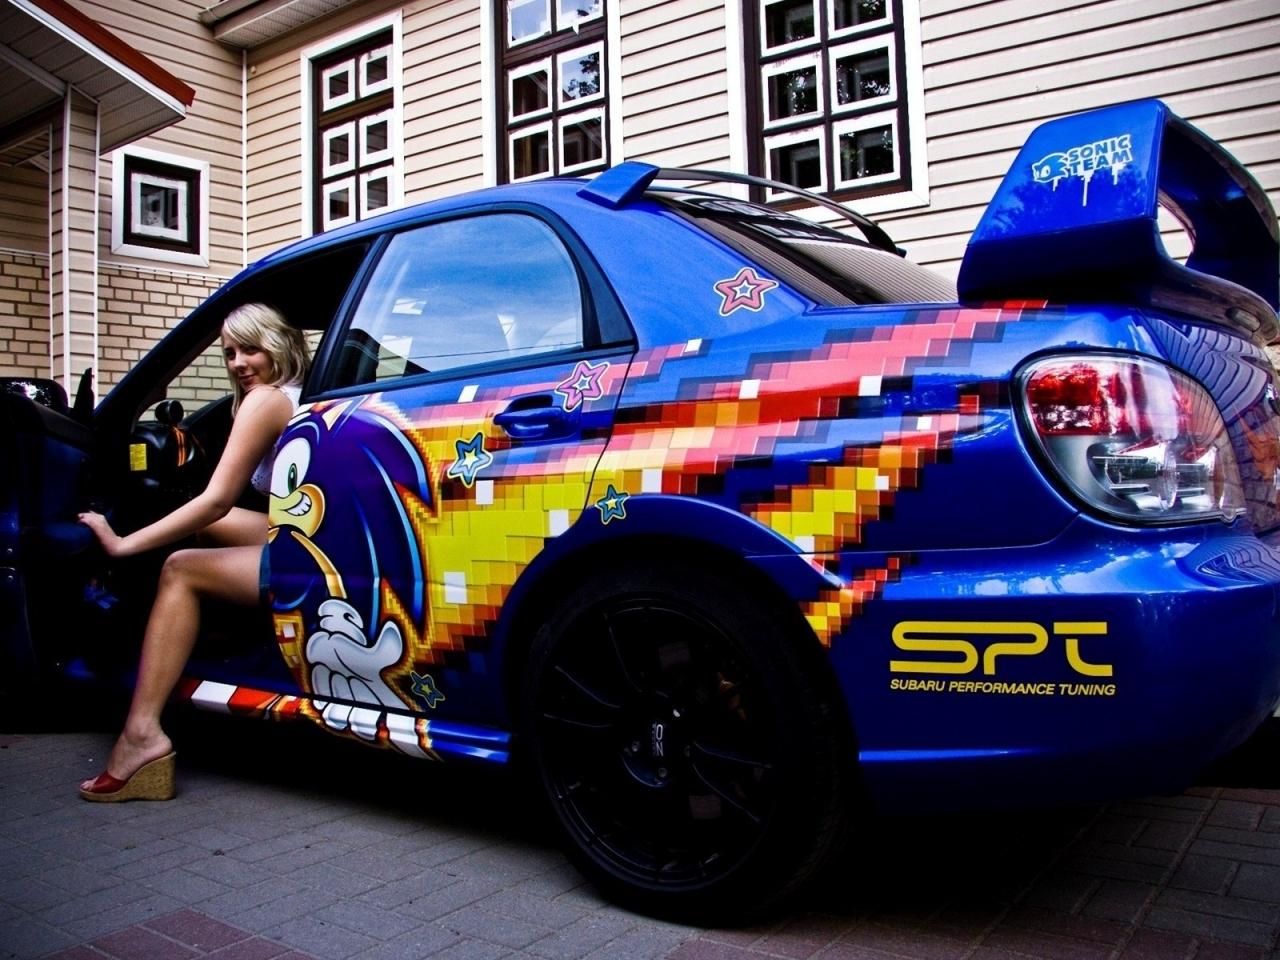 Una chica y un Subaru - 1280x960